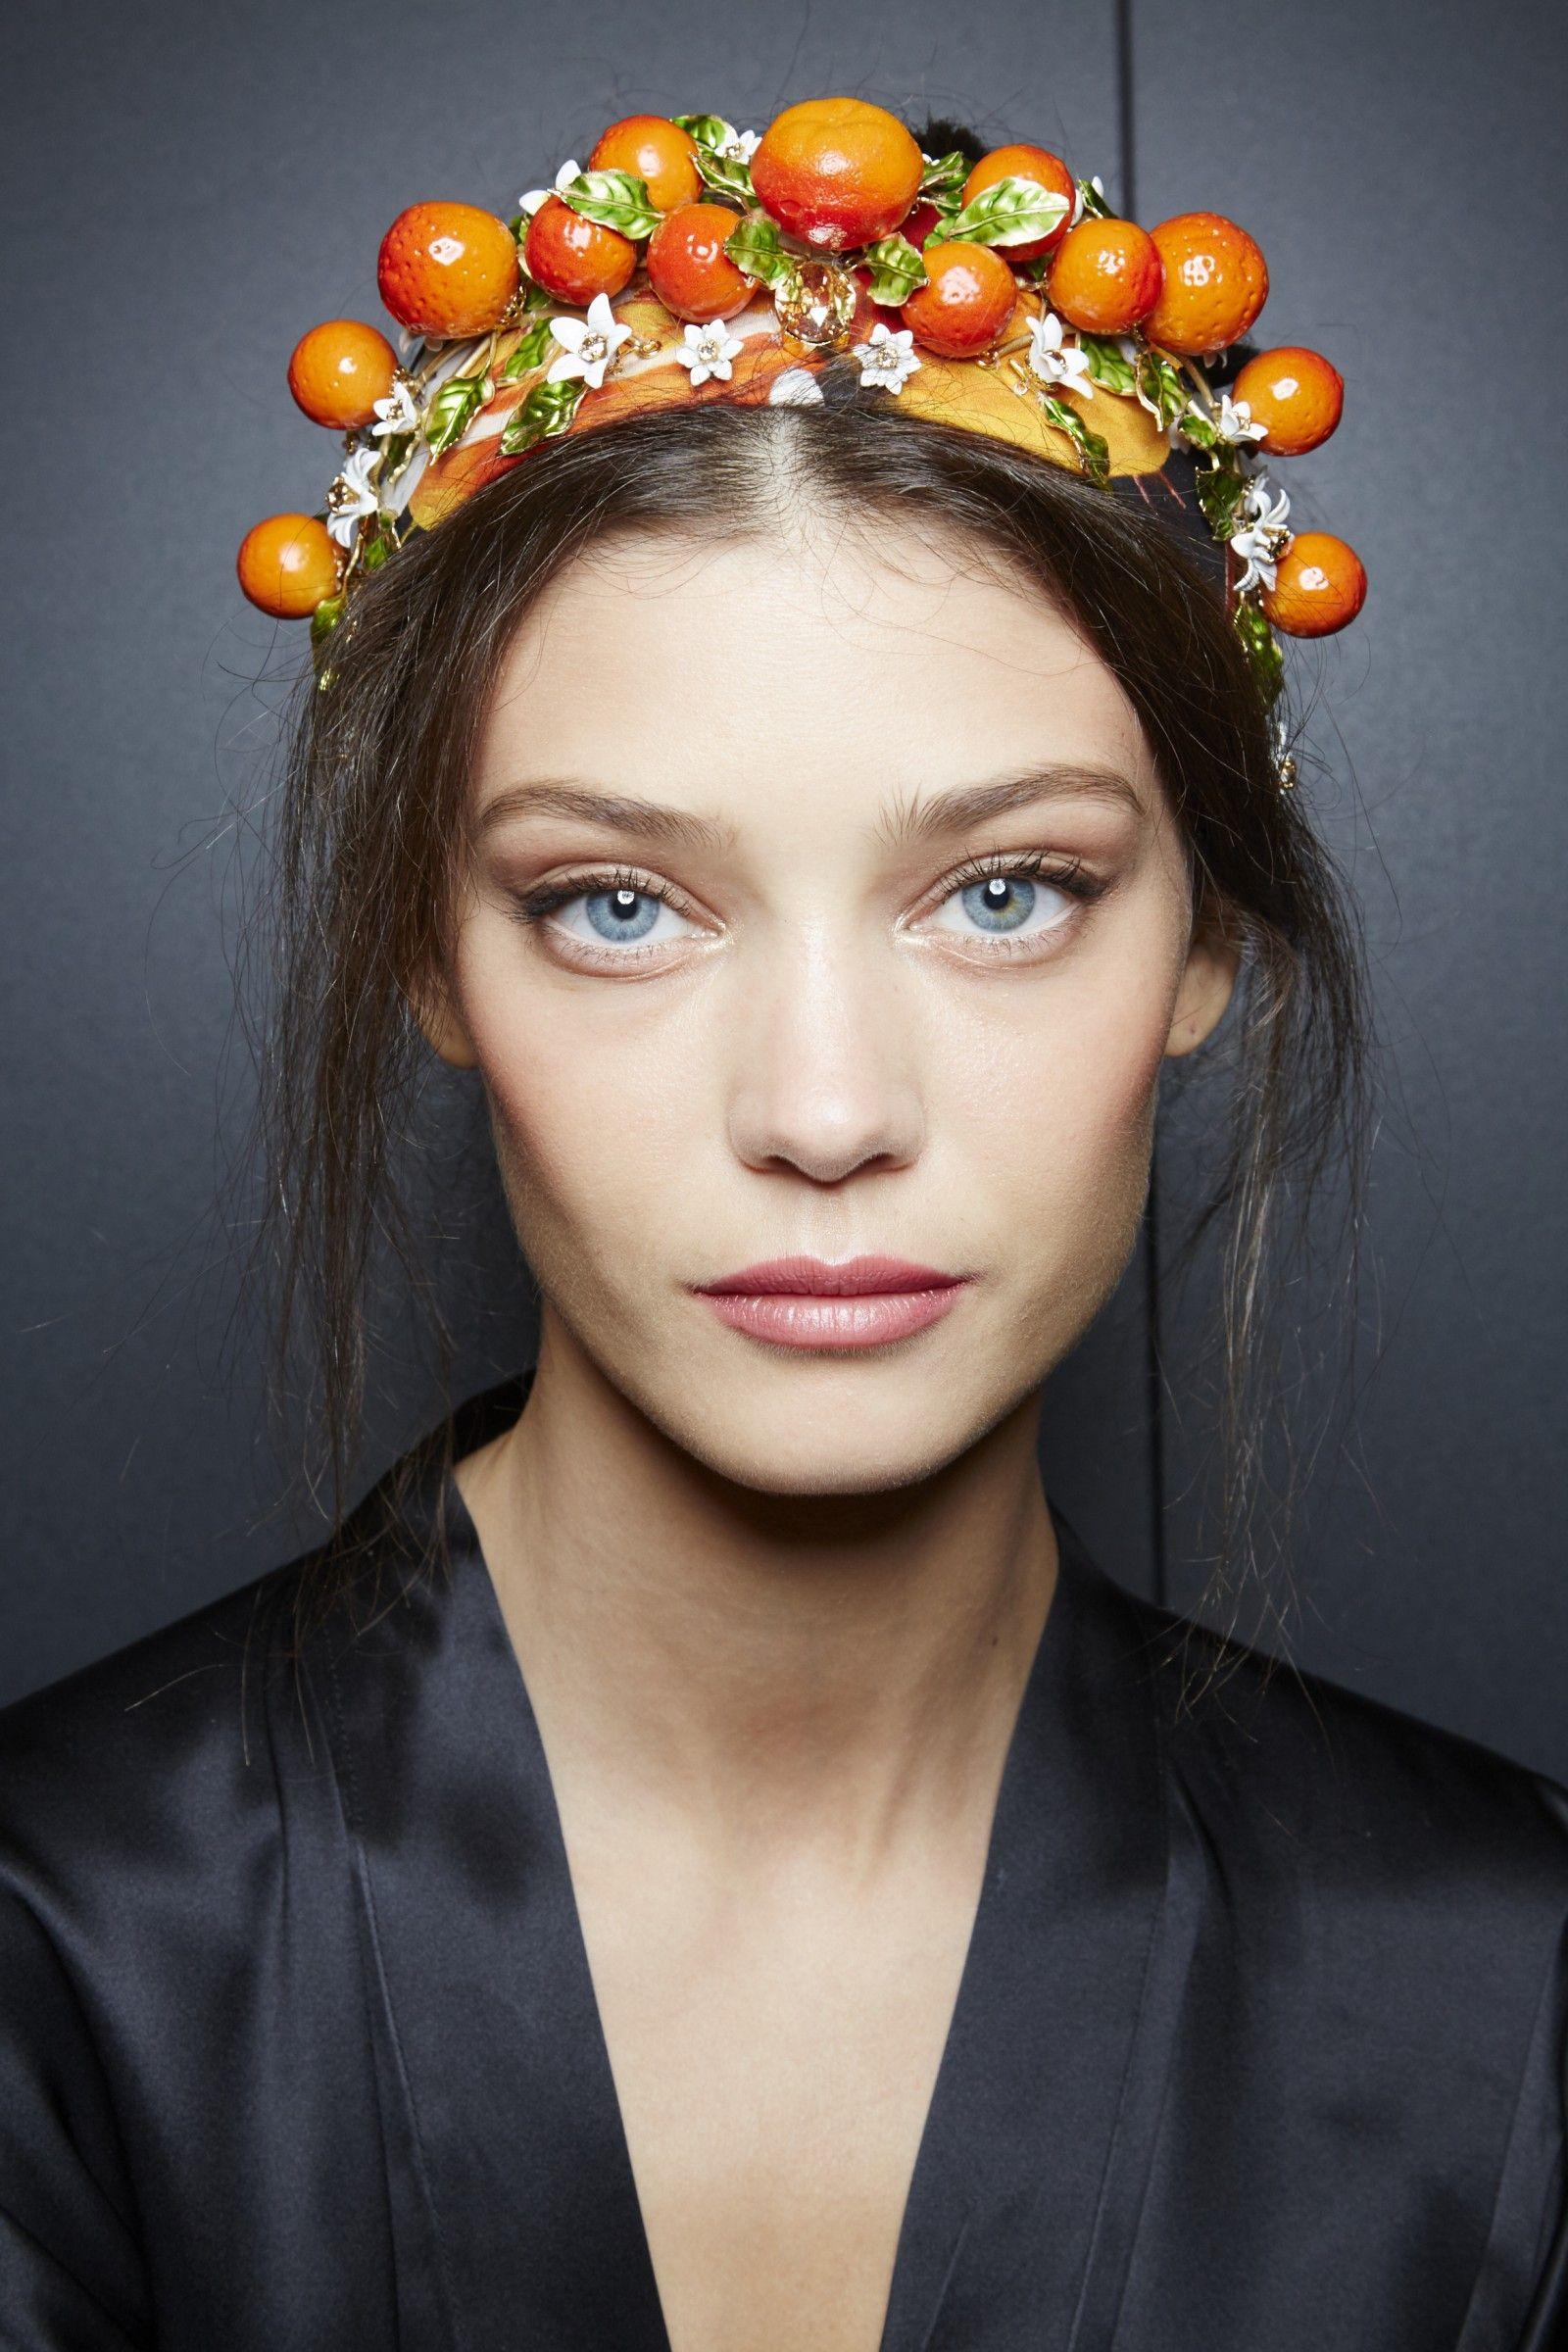 Dolce & Gabbana Spring Summer 2016 Woman Fashion Show | Dolce & Gabbana